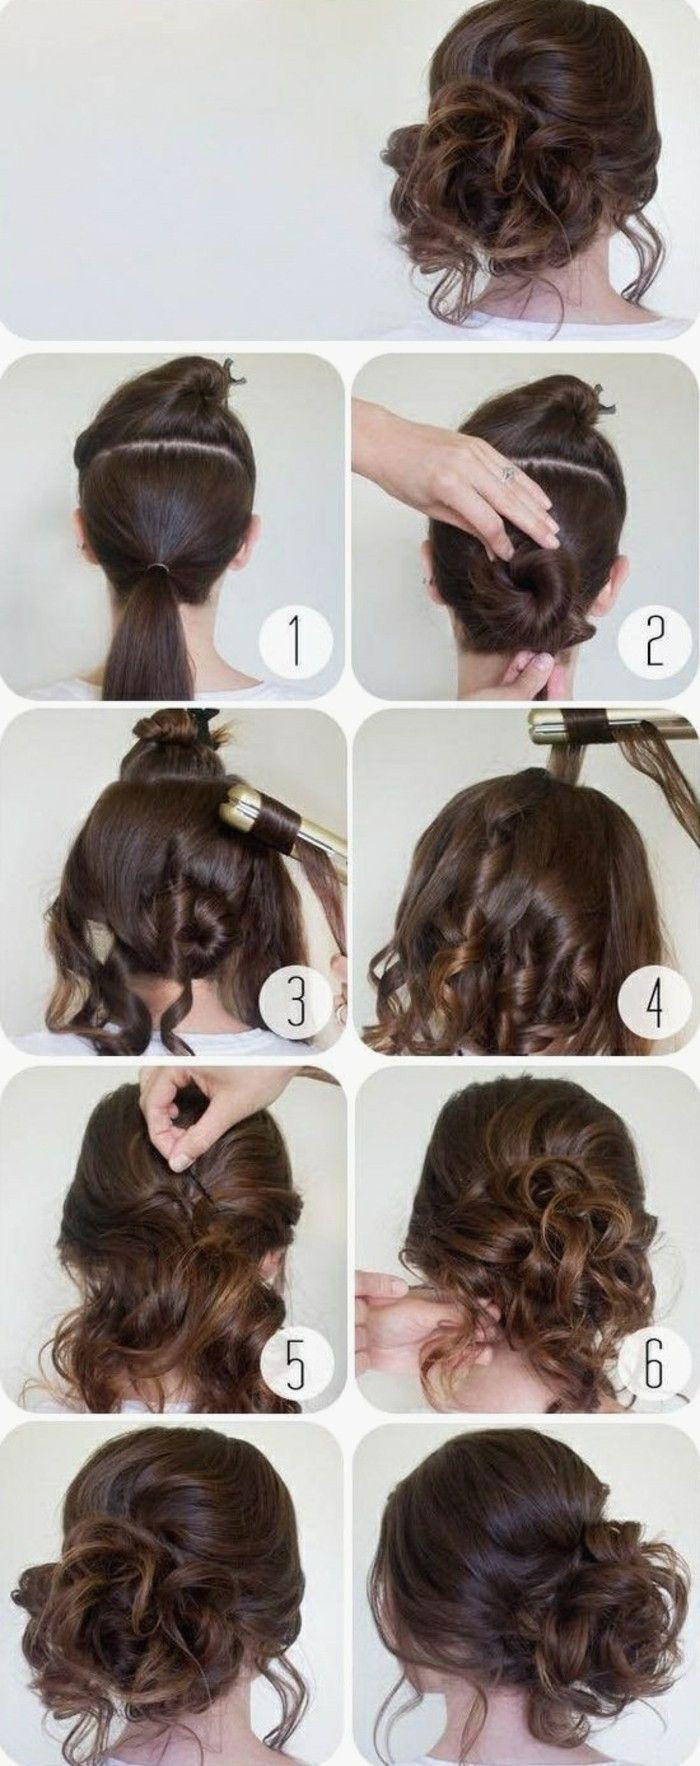 31+ Frisuren für lange Haare zum Selbermachen - Frisuren - # Frisuren #Haar #Ha ..., #diyhair ...